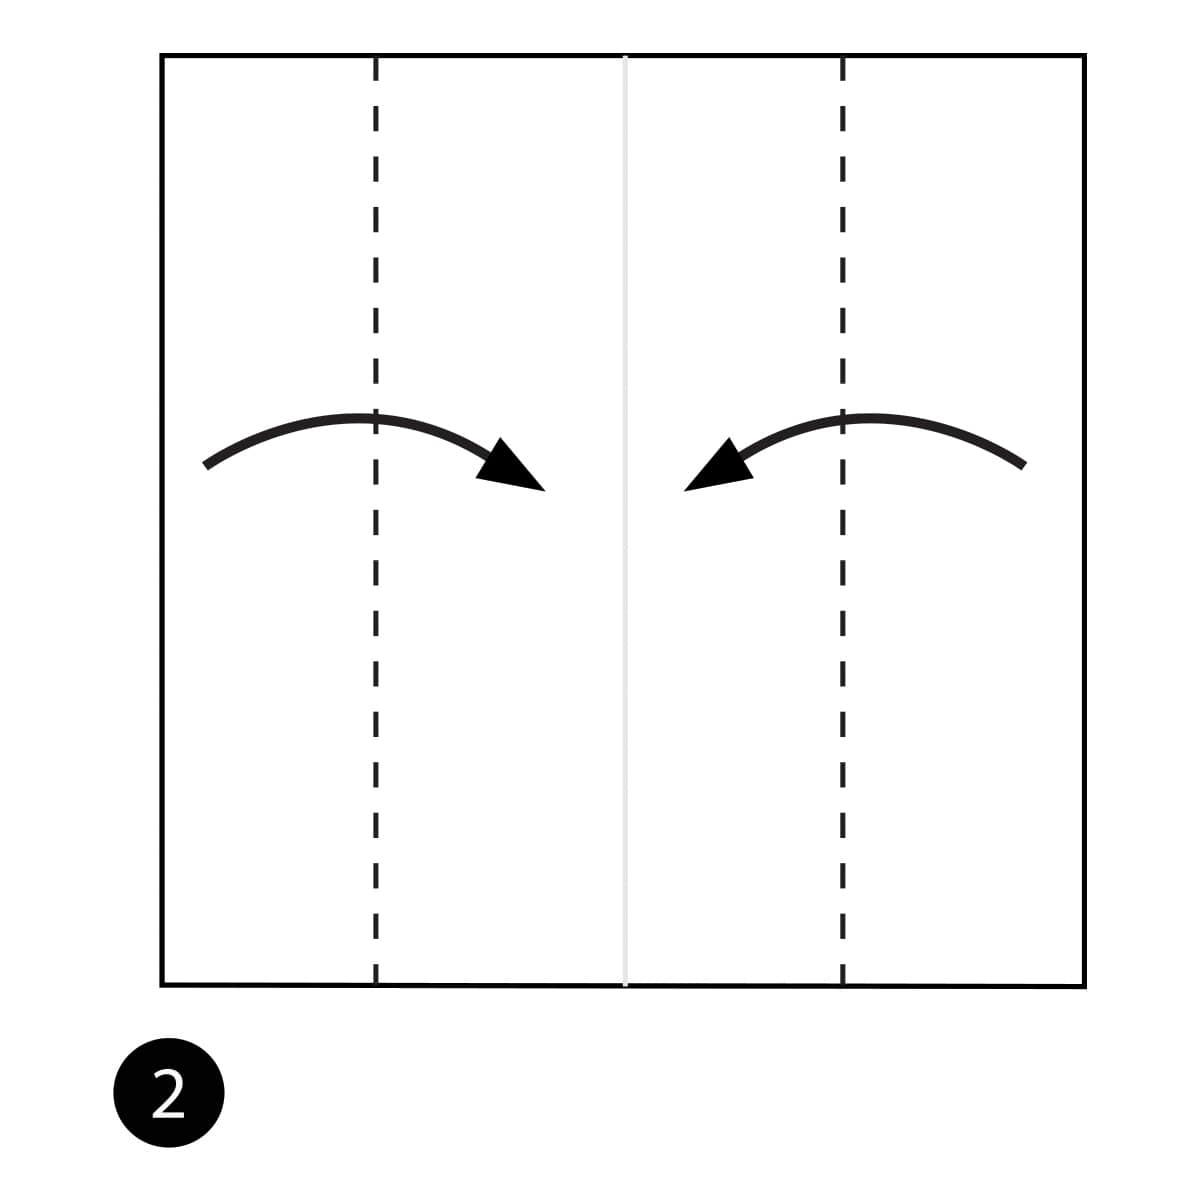 Pinwheel Step 2